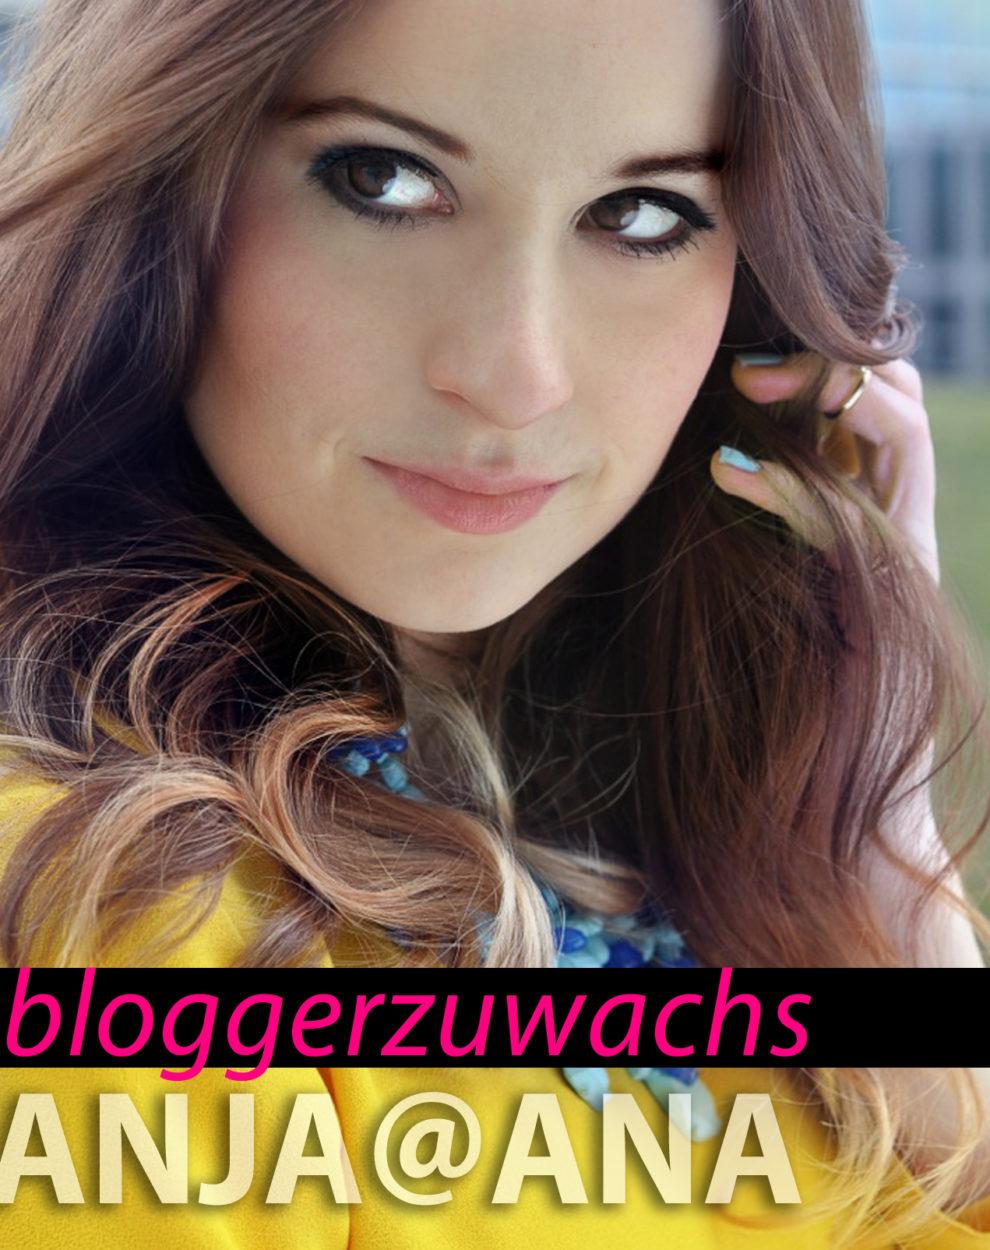 Bloggerzuwachs bei ana